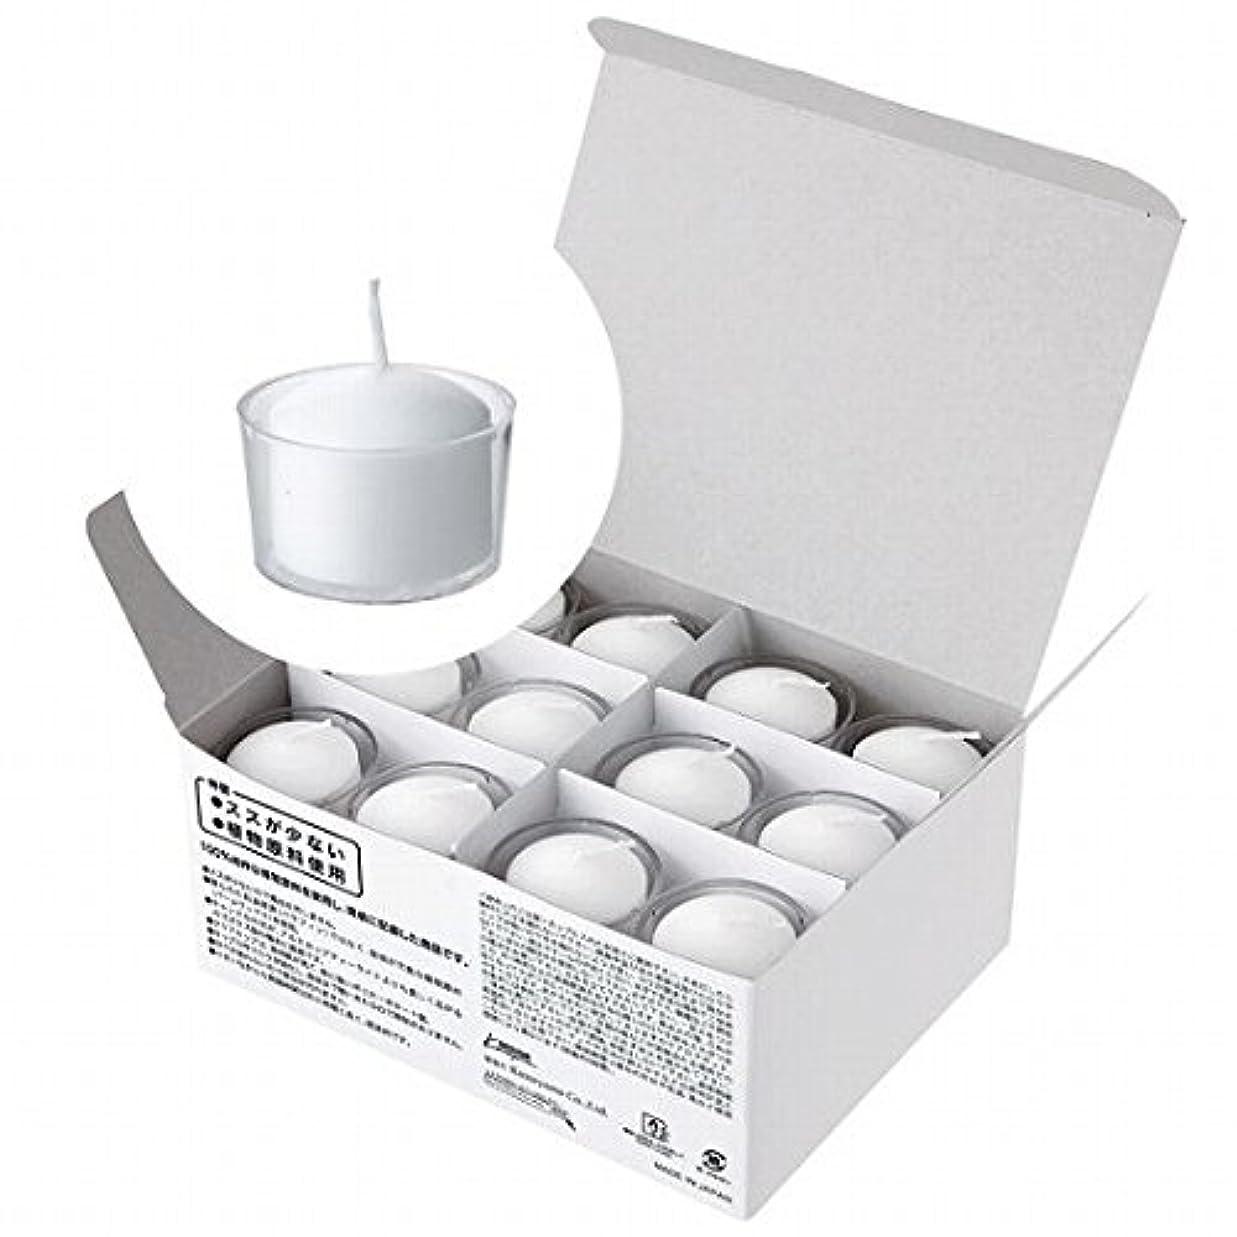 俳句言い換えると構築するカメヤマキャンドル(kameyama candle) クレア 5時間タイプ24個入り【ススが出にくいキャンドル】「 ホワイト 」